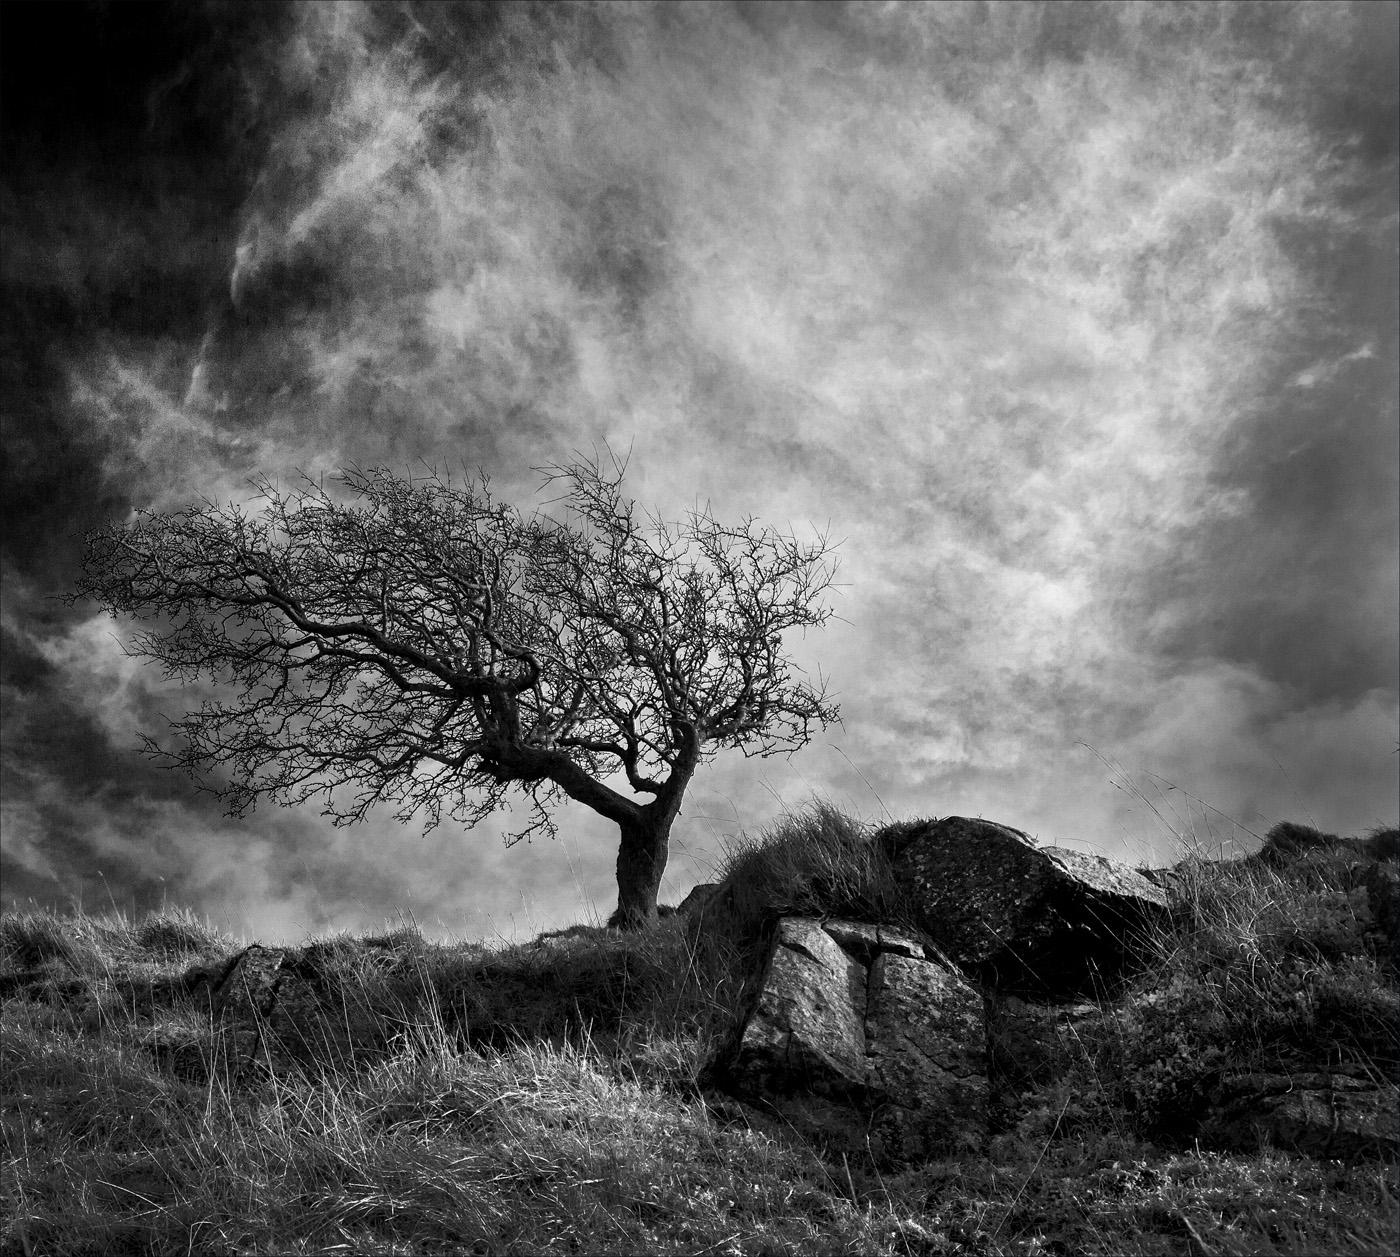 Isolation_Chris Carsley